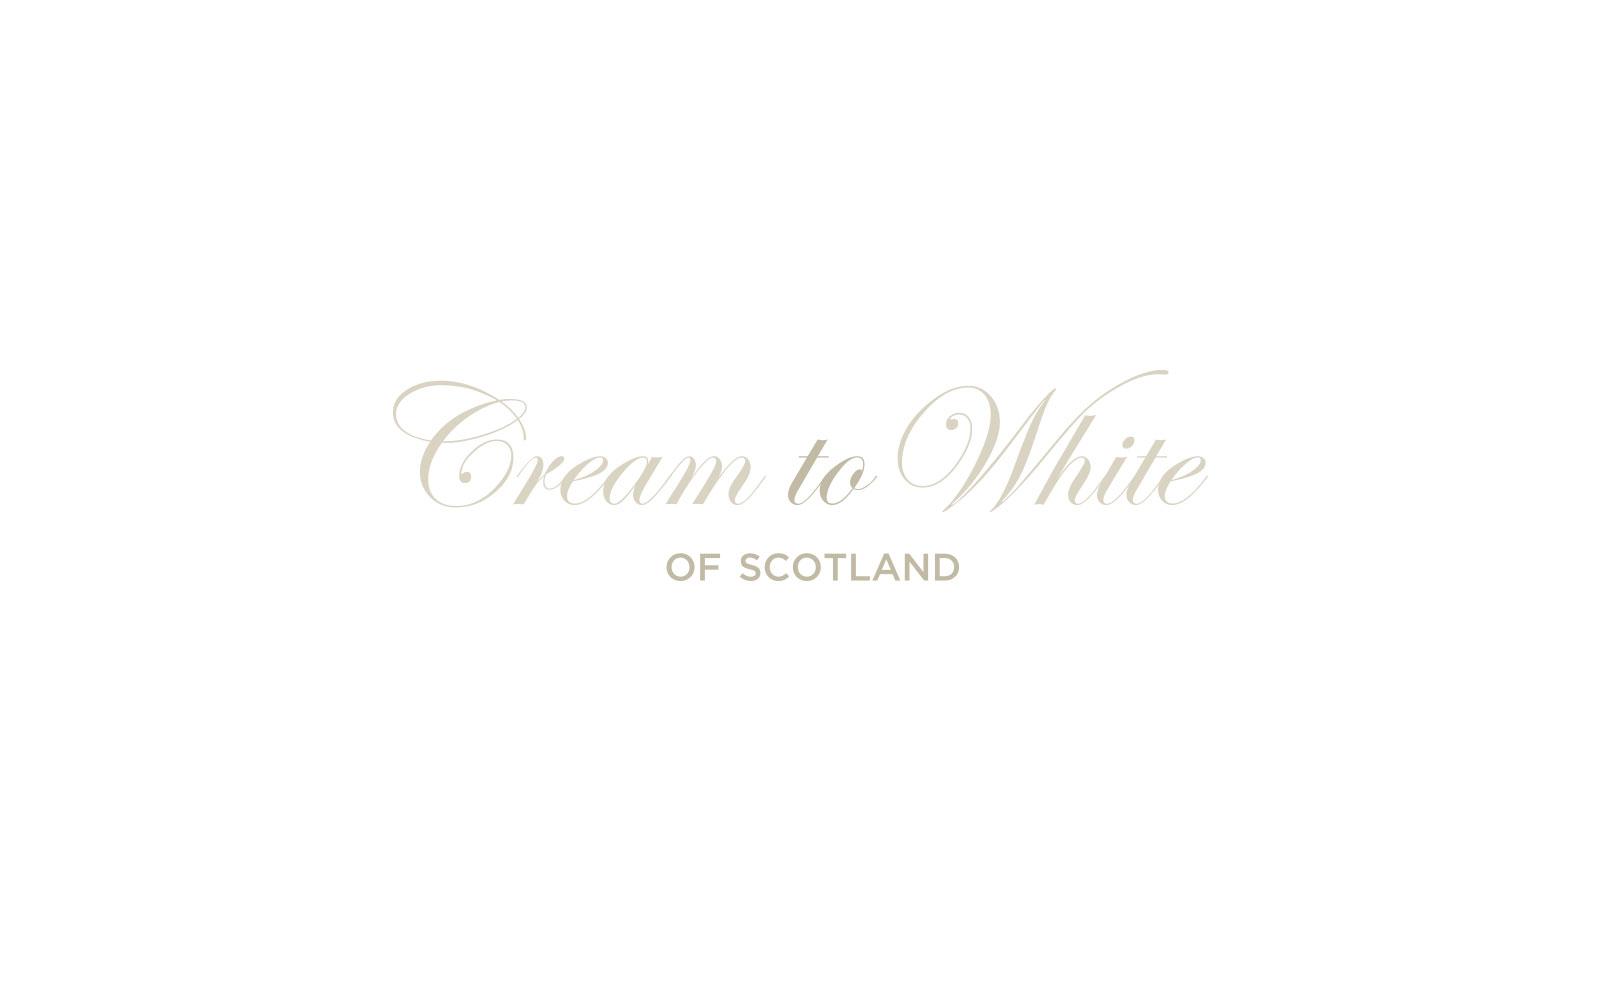 CBD-Cream-to-White-Logo